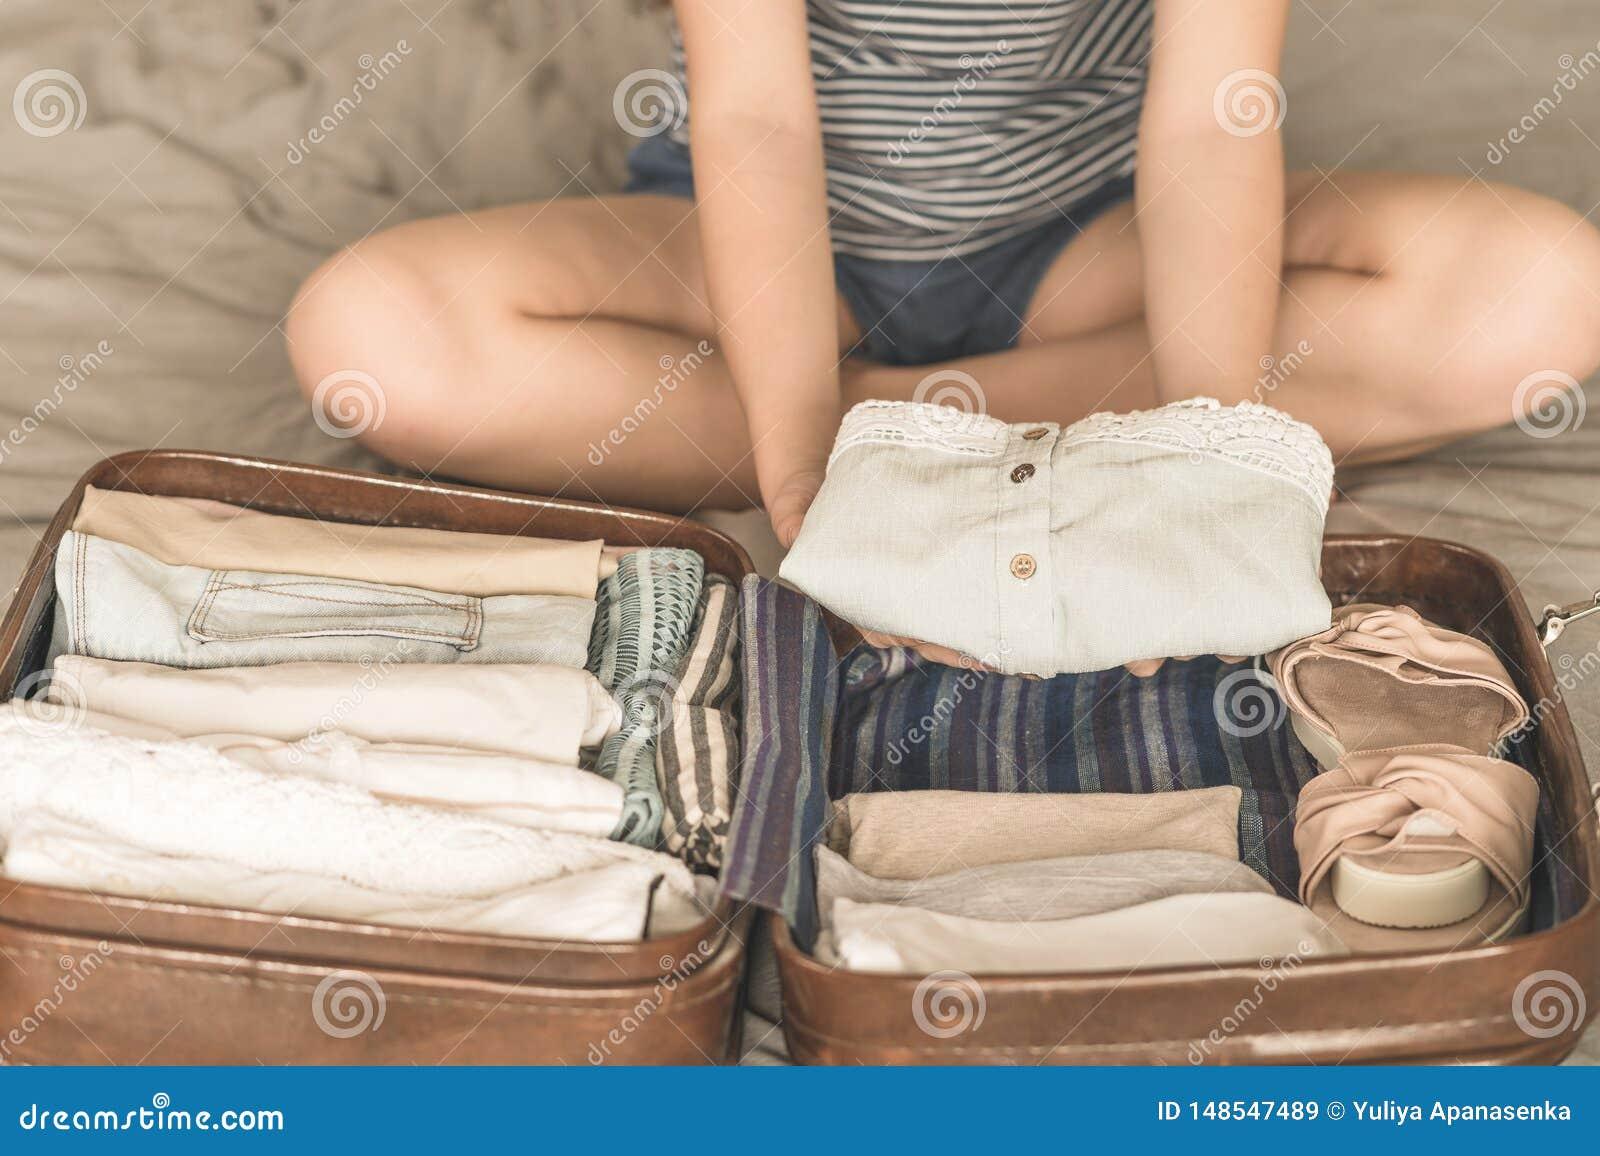 Ευτυχής γυναίκα που προγραμματίζει ένα ταξίδι που προετοιμάζει μια βαλίτσα